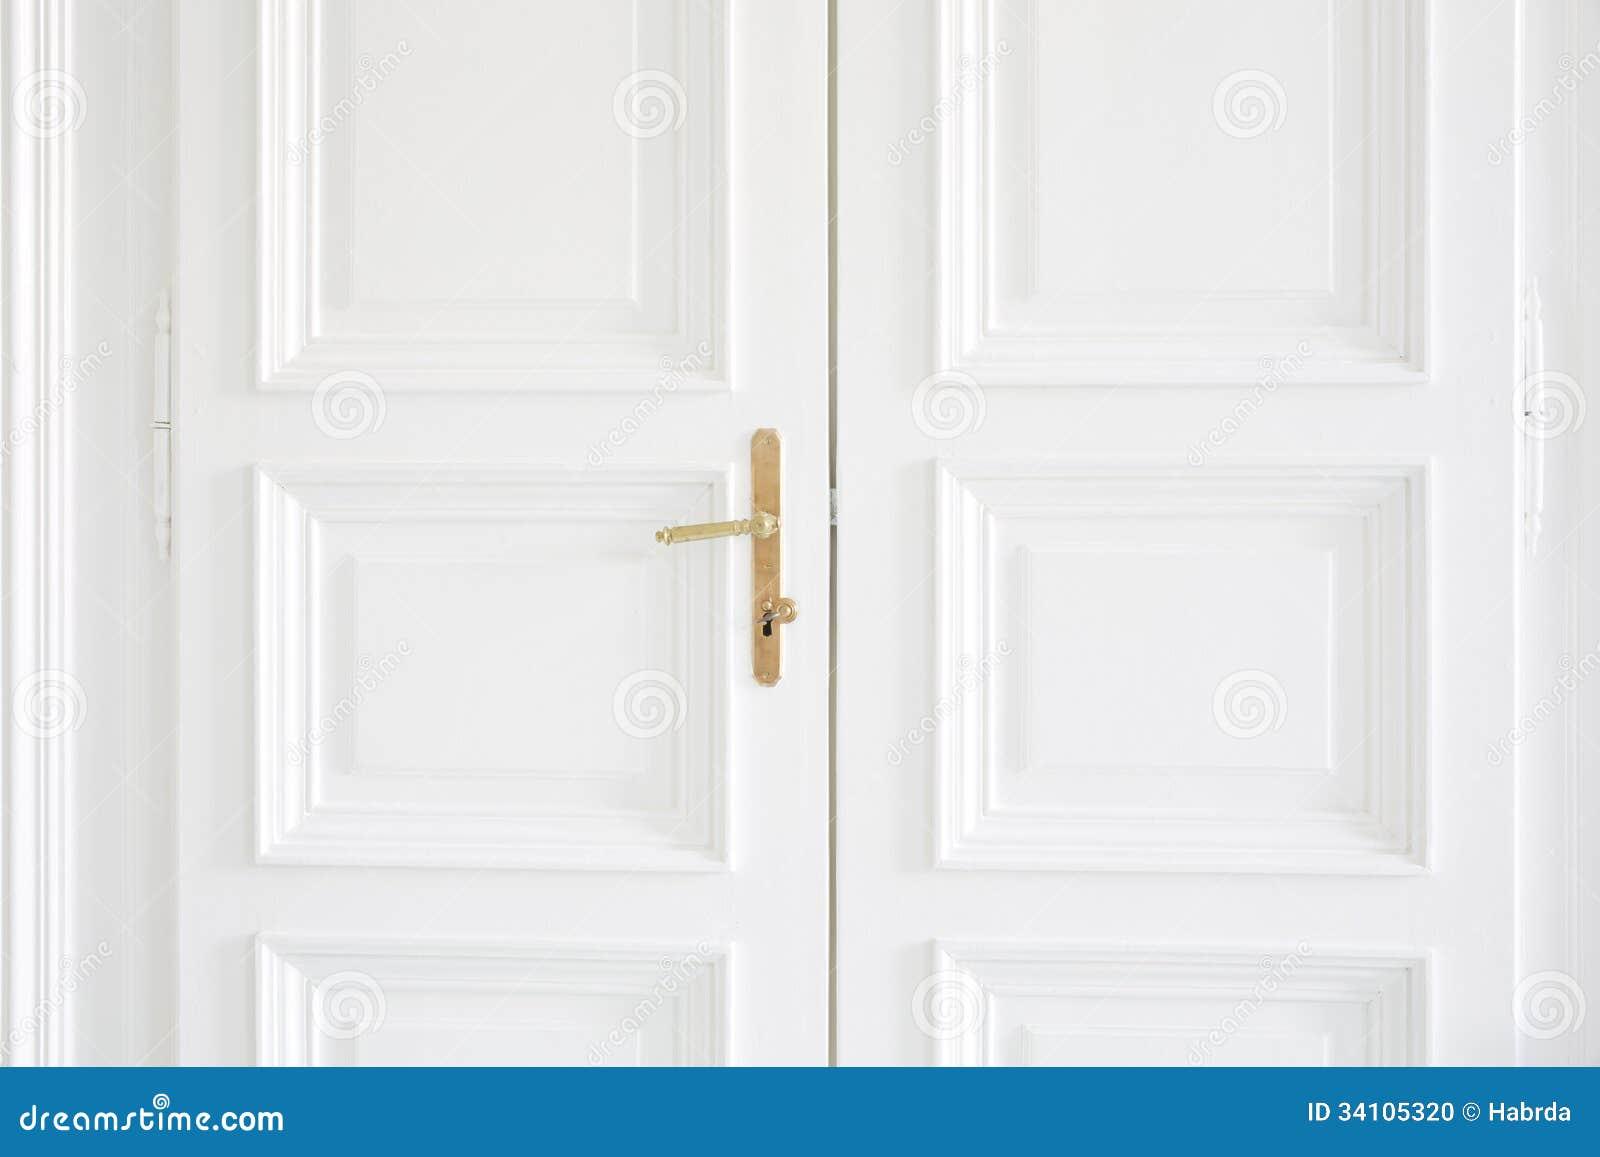 wei e t ren mit goldenem griff nach innen stockfoto bild 34105320. Black Bedroom Furniture Sets. Home Design Ideas